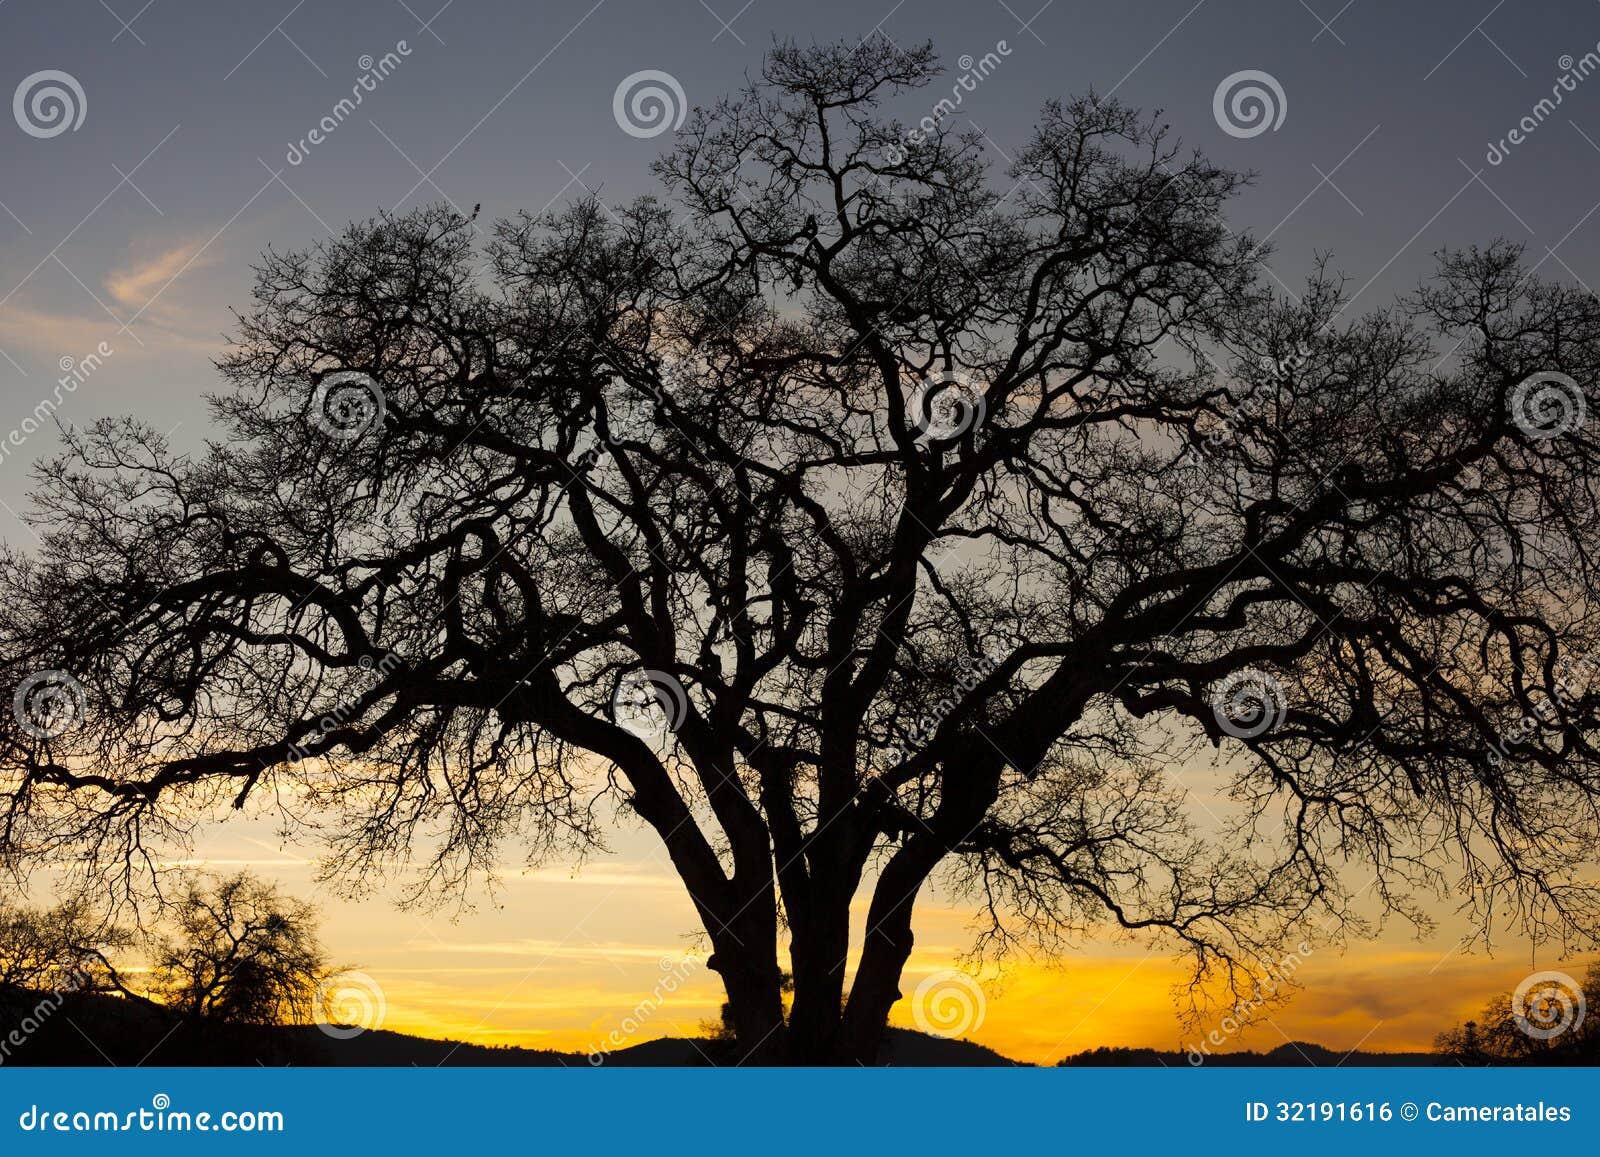 跳跃的青蛙树免版税库存图片 32191616